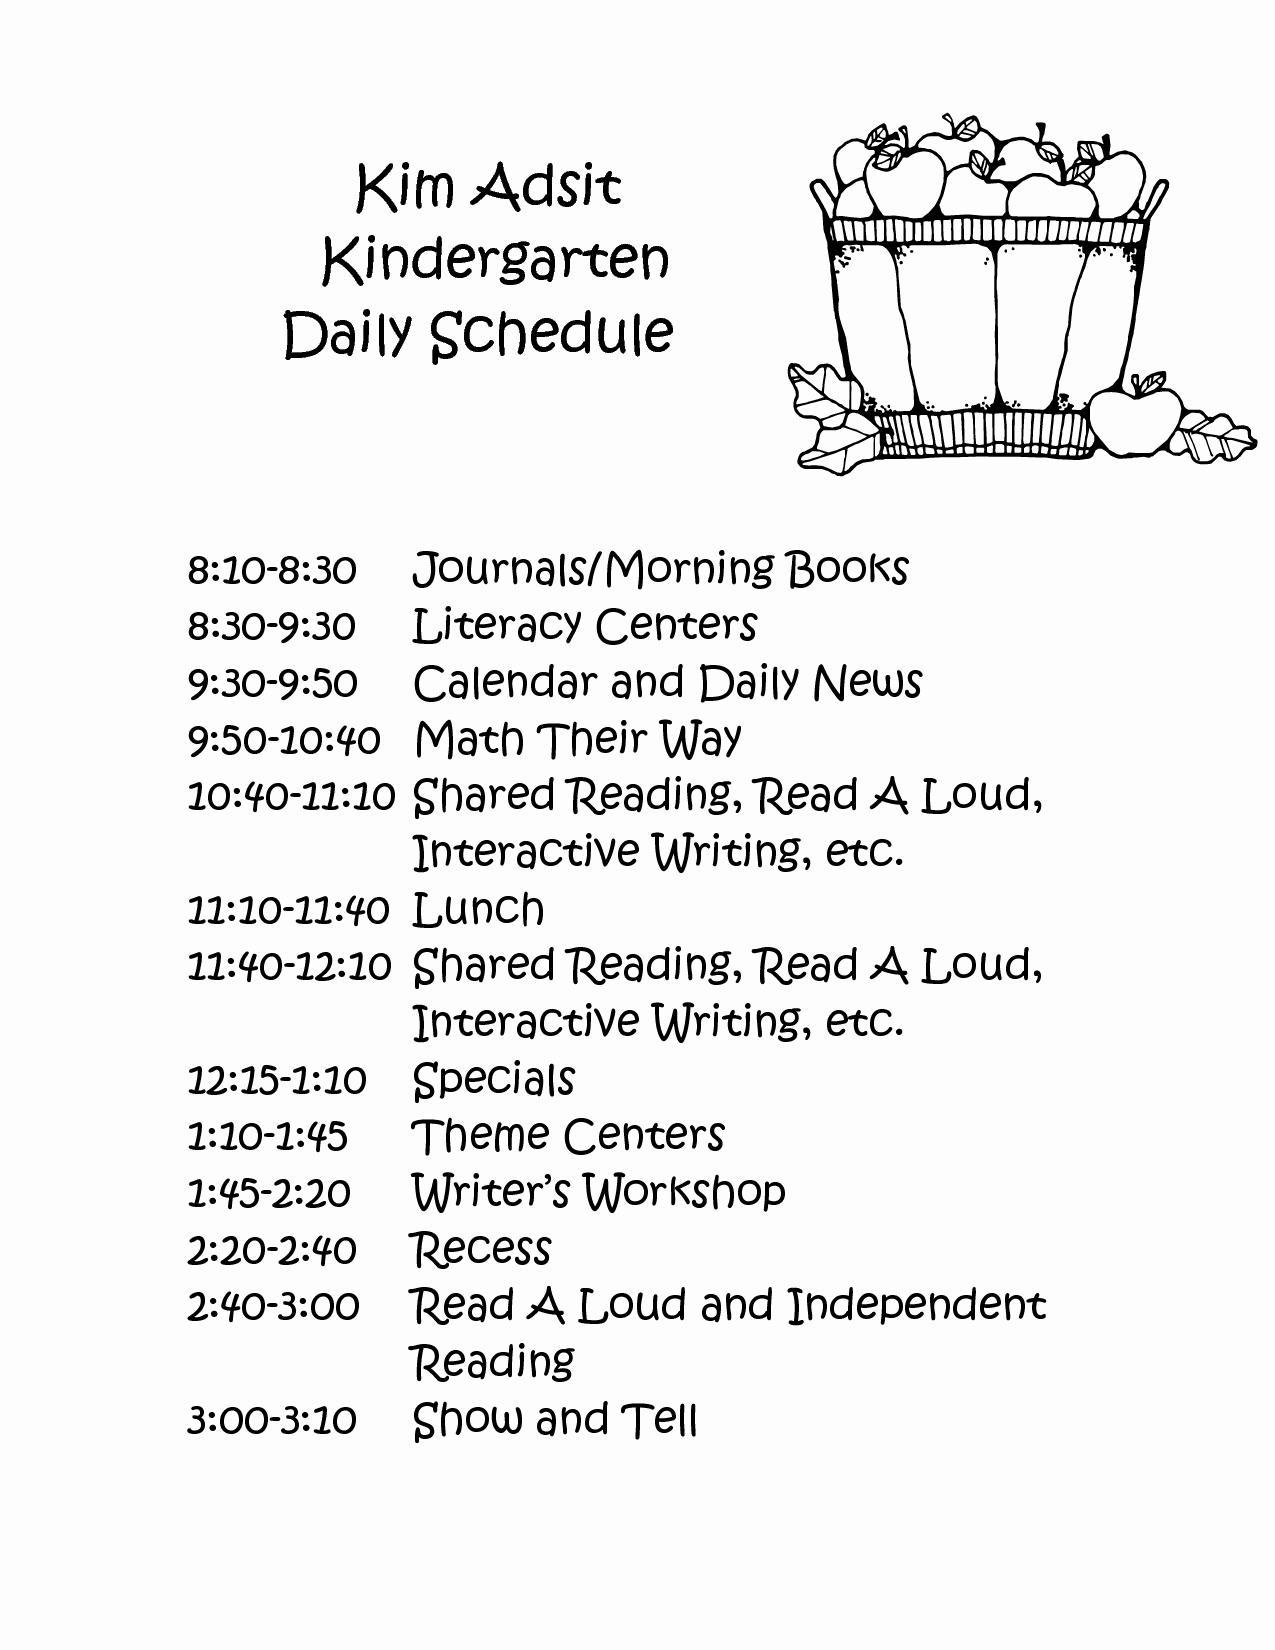 Preschool Daily Schedule Template Best Of Full Day Kindergarten Class Schedule